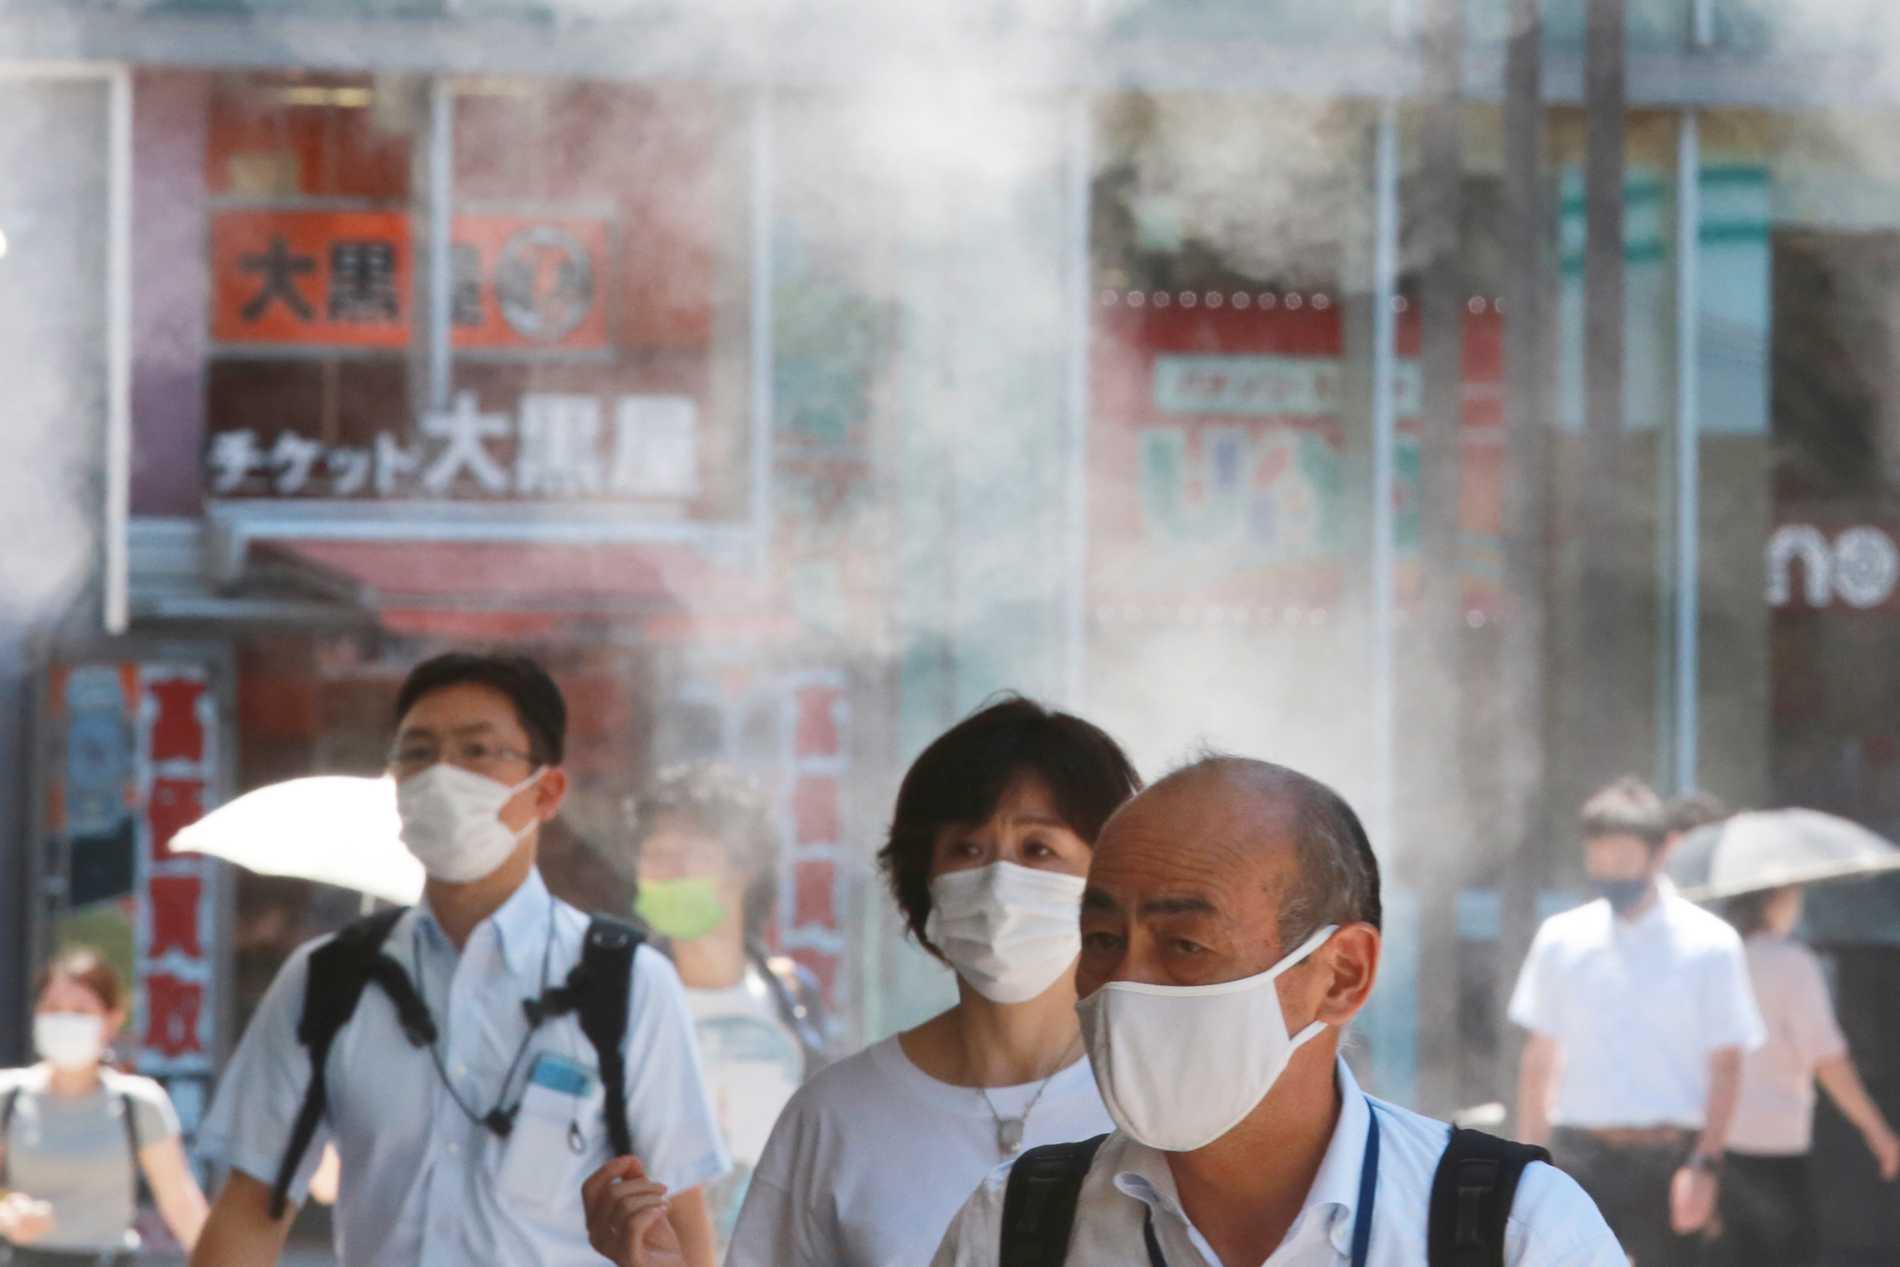 Tokyobor bär munskydd för att minska smittspridningen den 5 augusti. Japan är ett av många länder där antalet covidfall ökar.